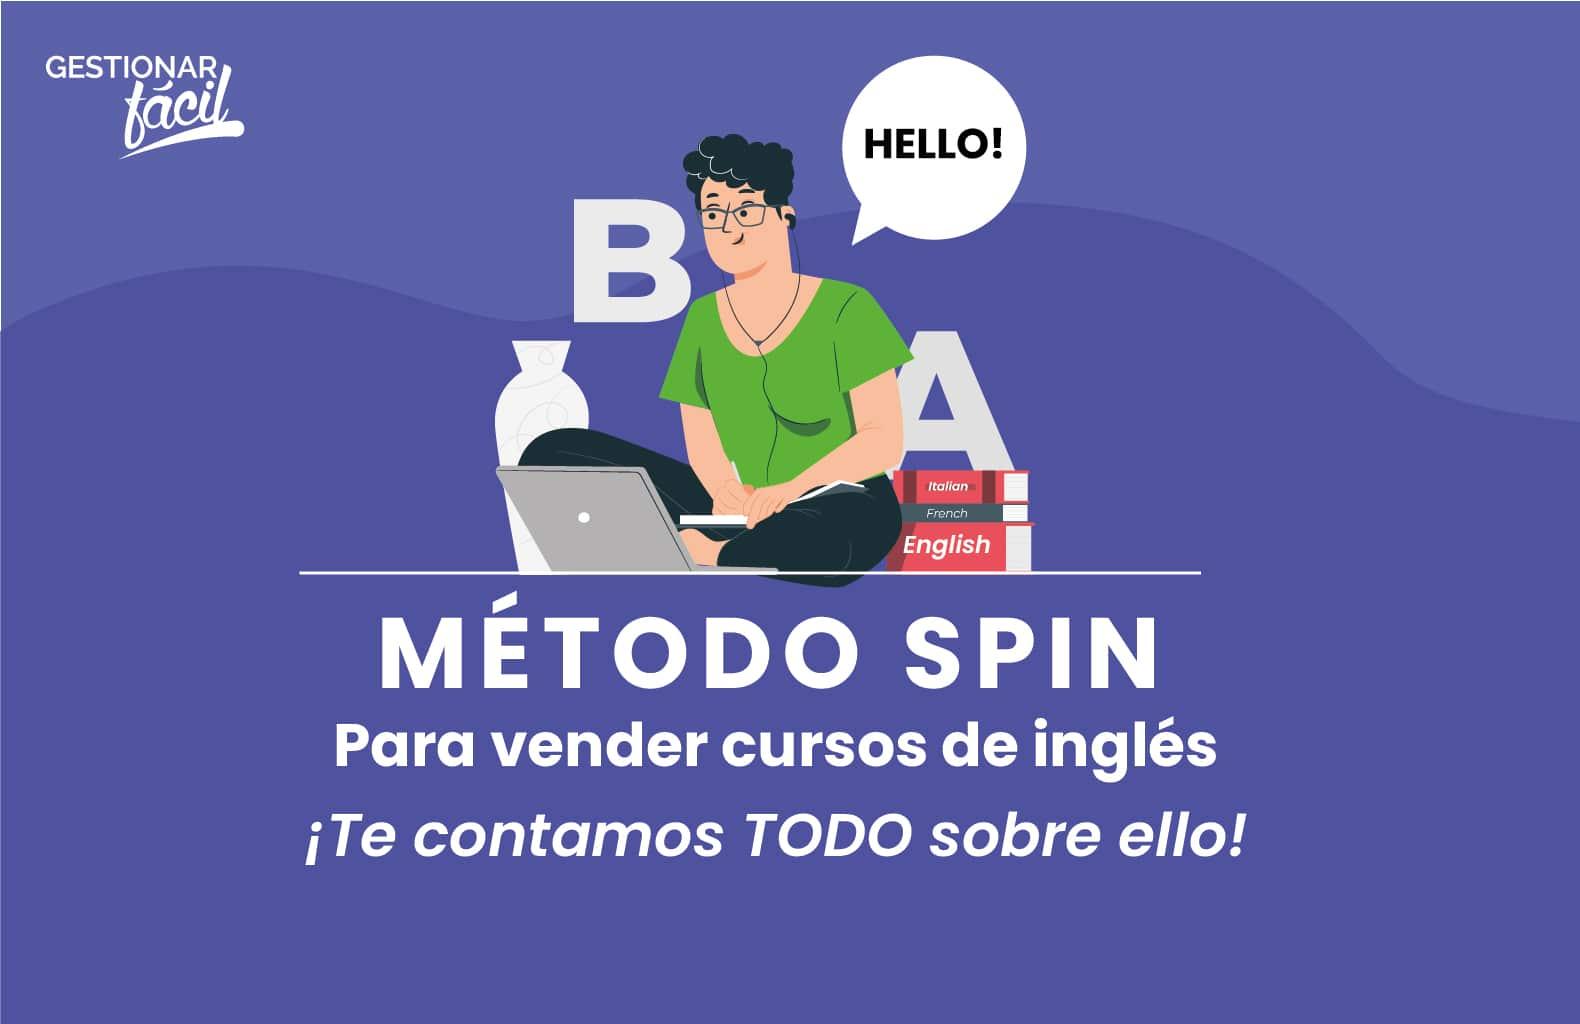 Cómo aplicar el método SPIN para vender cursos de inglés